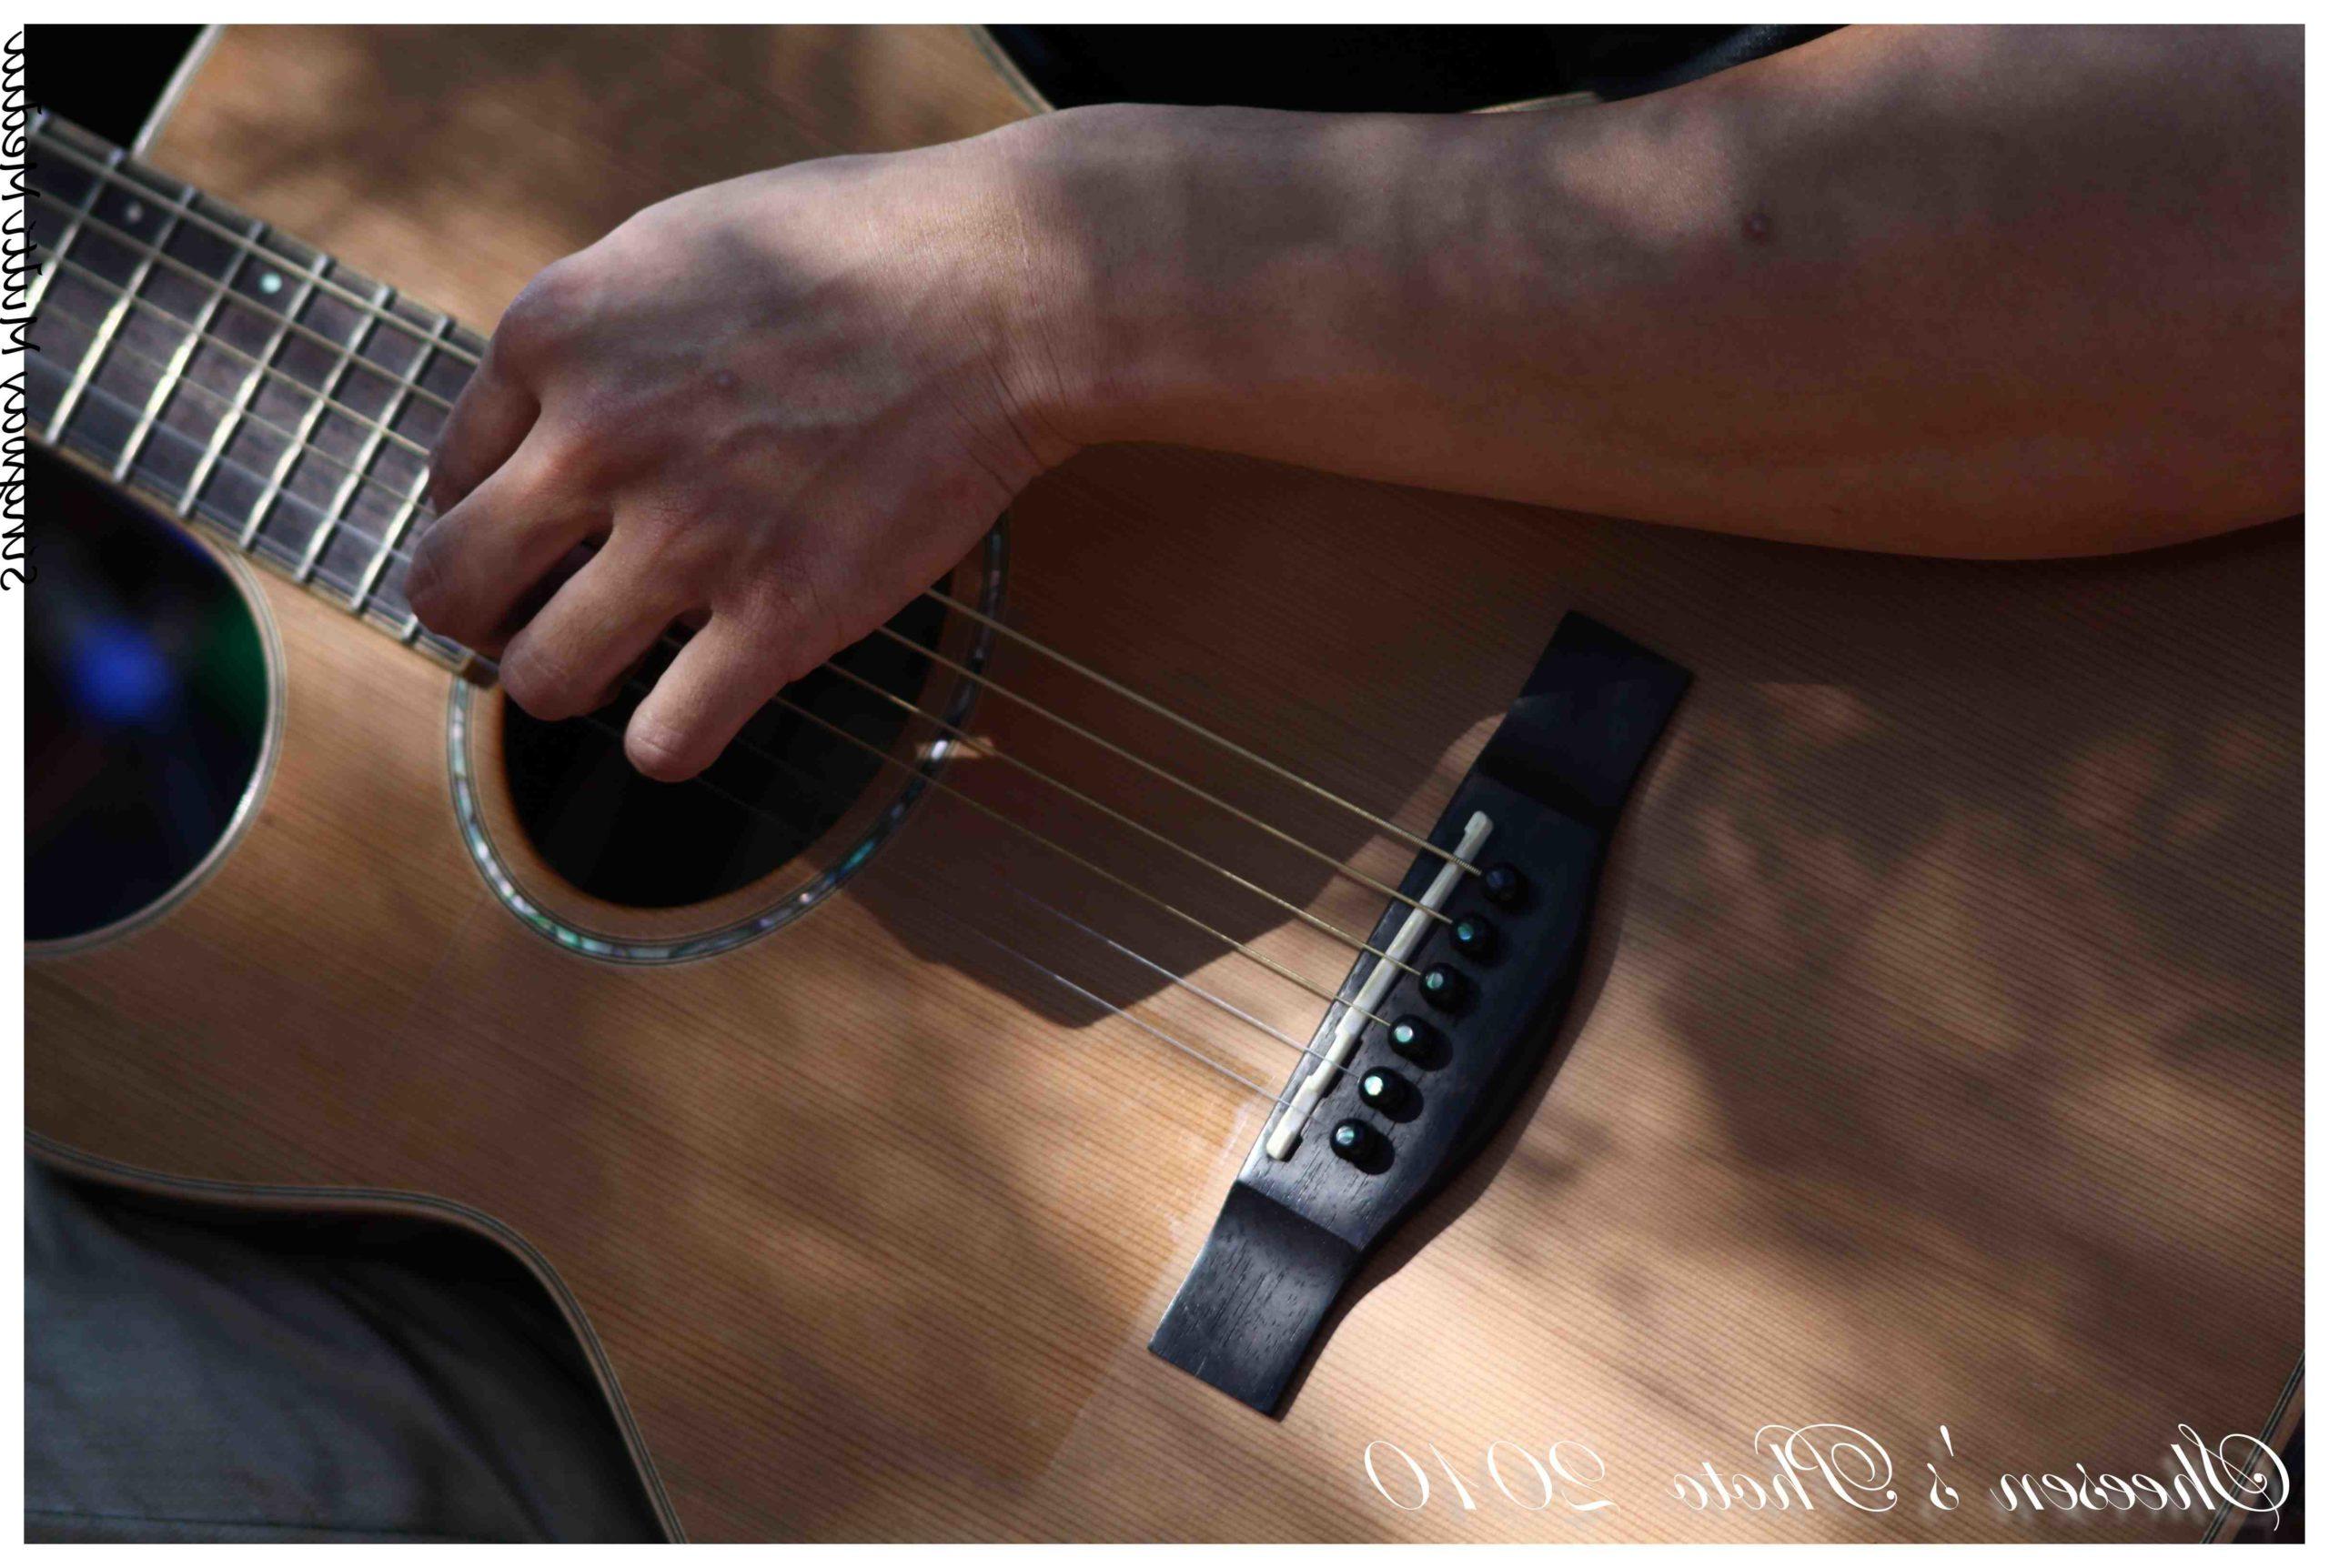 Comment jouer de la guitare joyeux anniversaire?